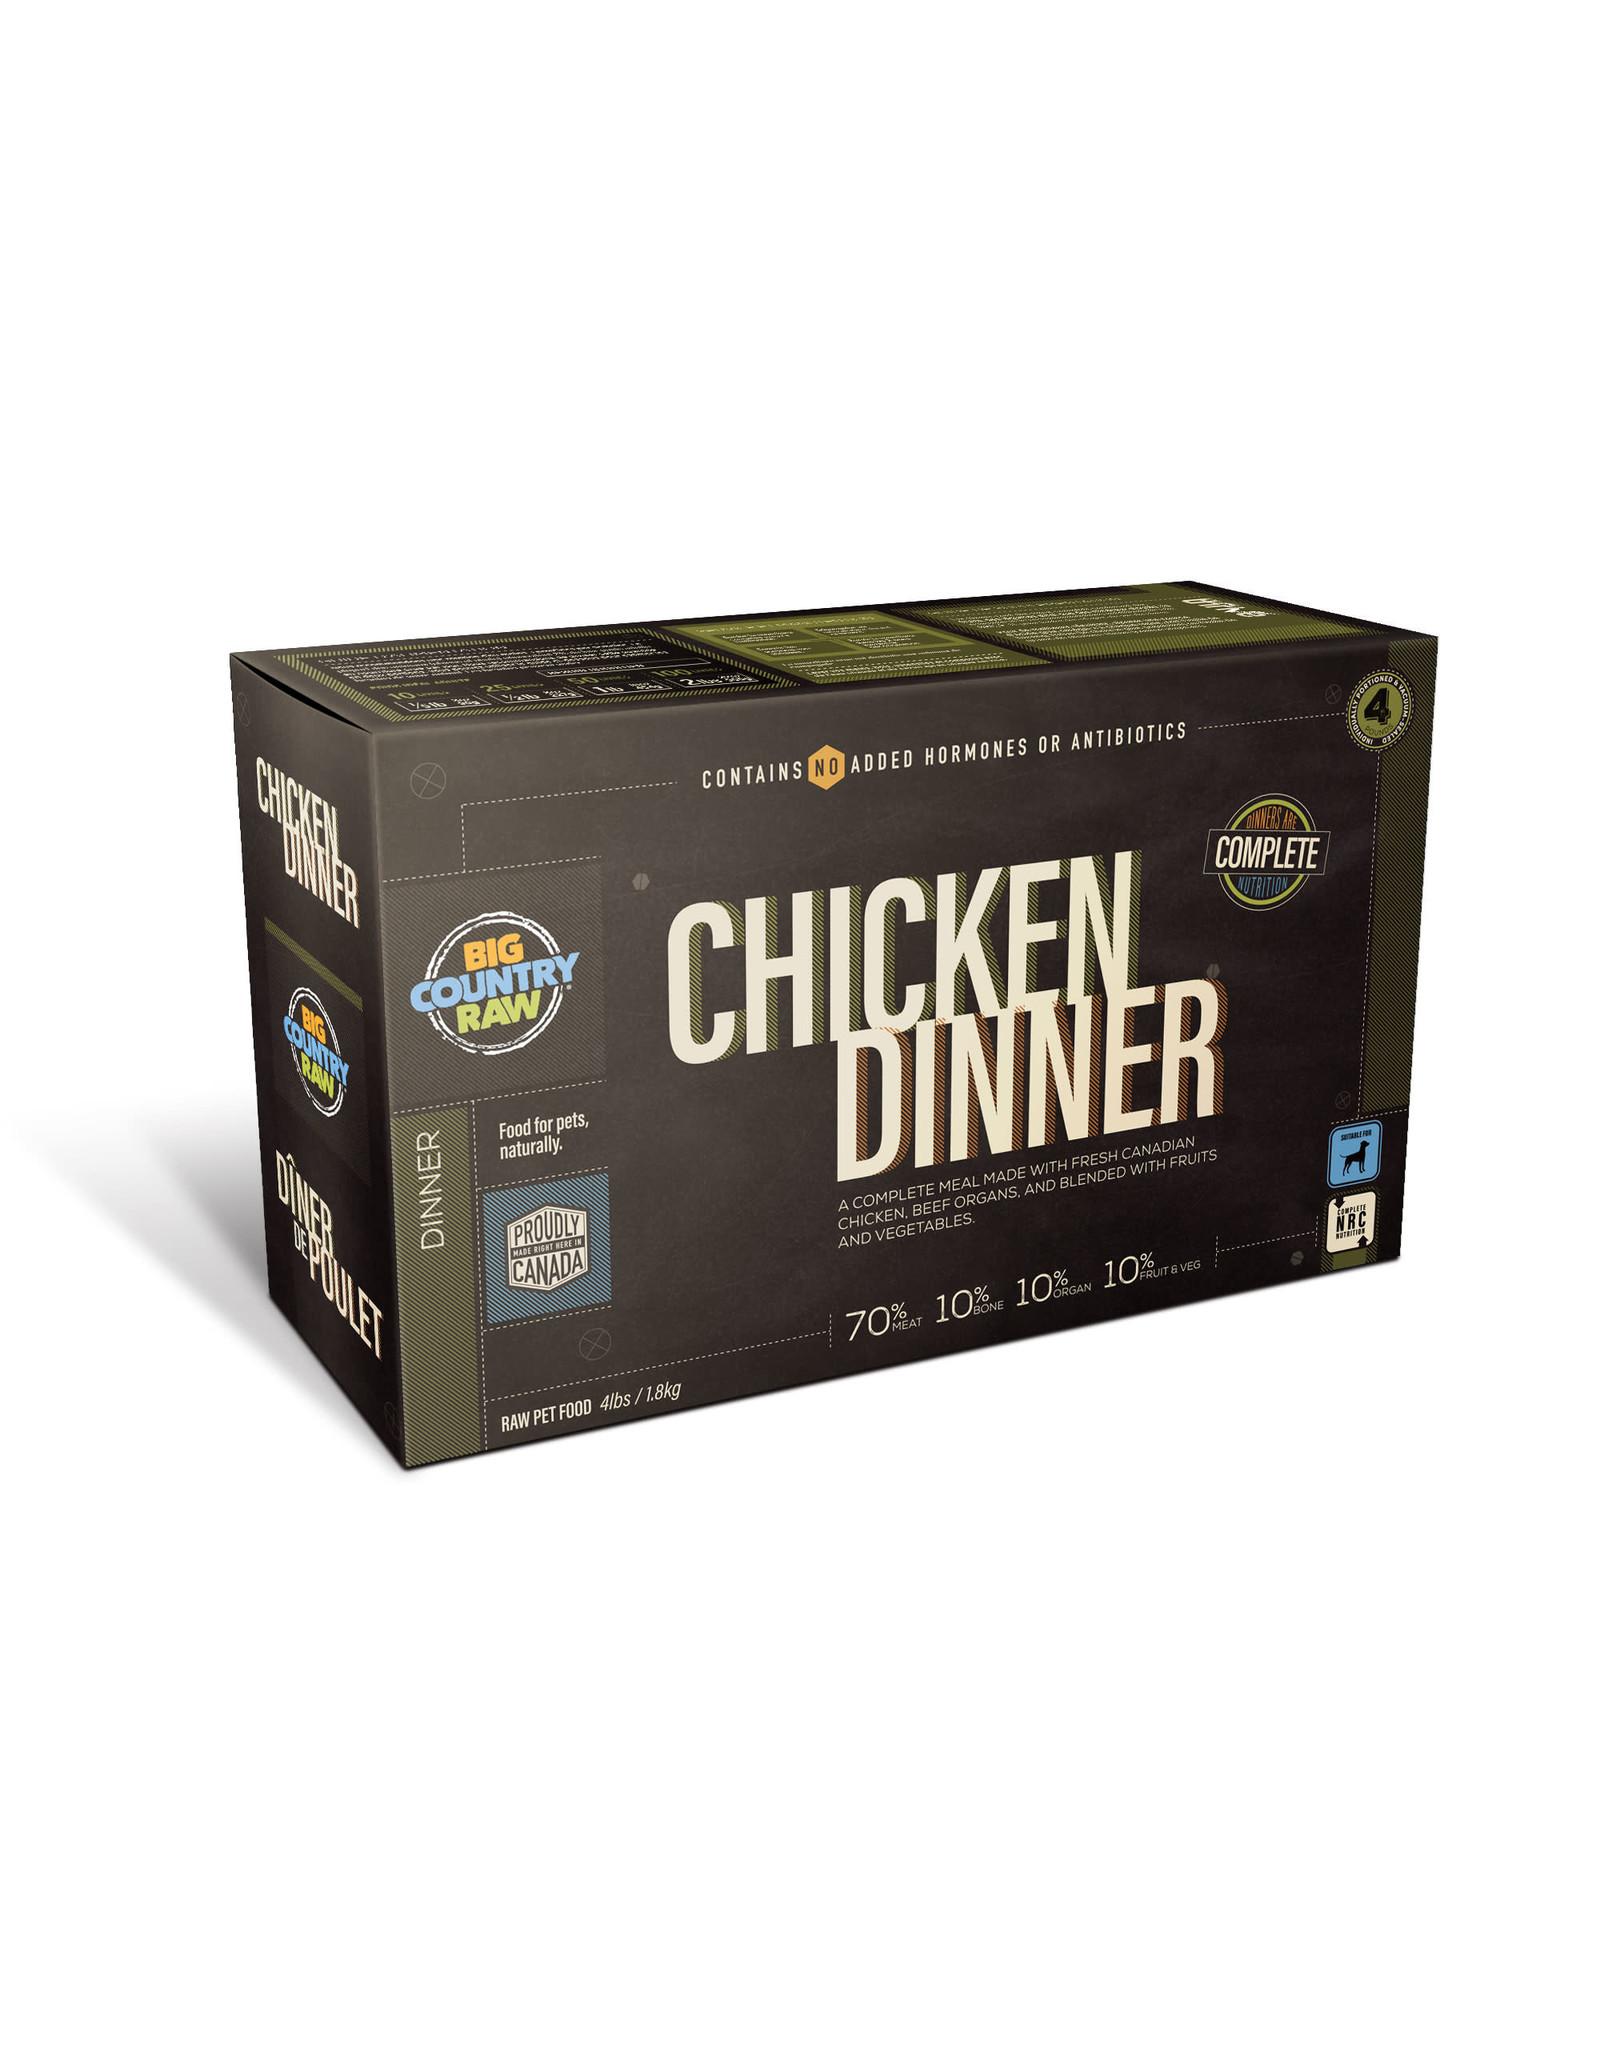 BCR BCR CARTON - 4x1lb - Chicken Dinner